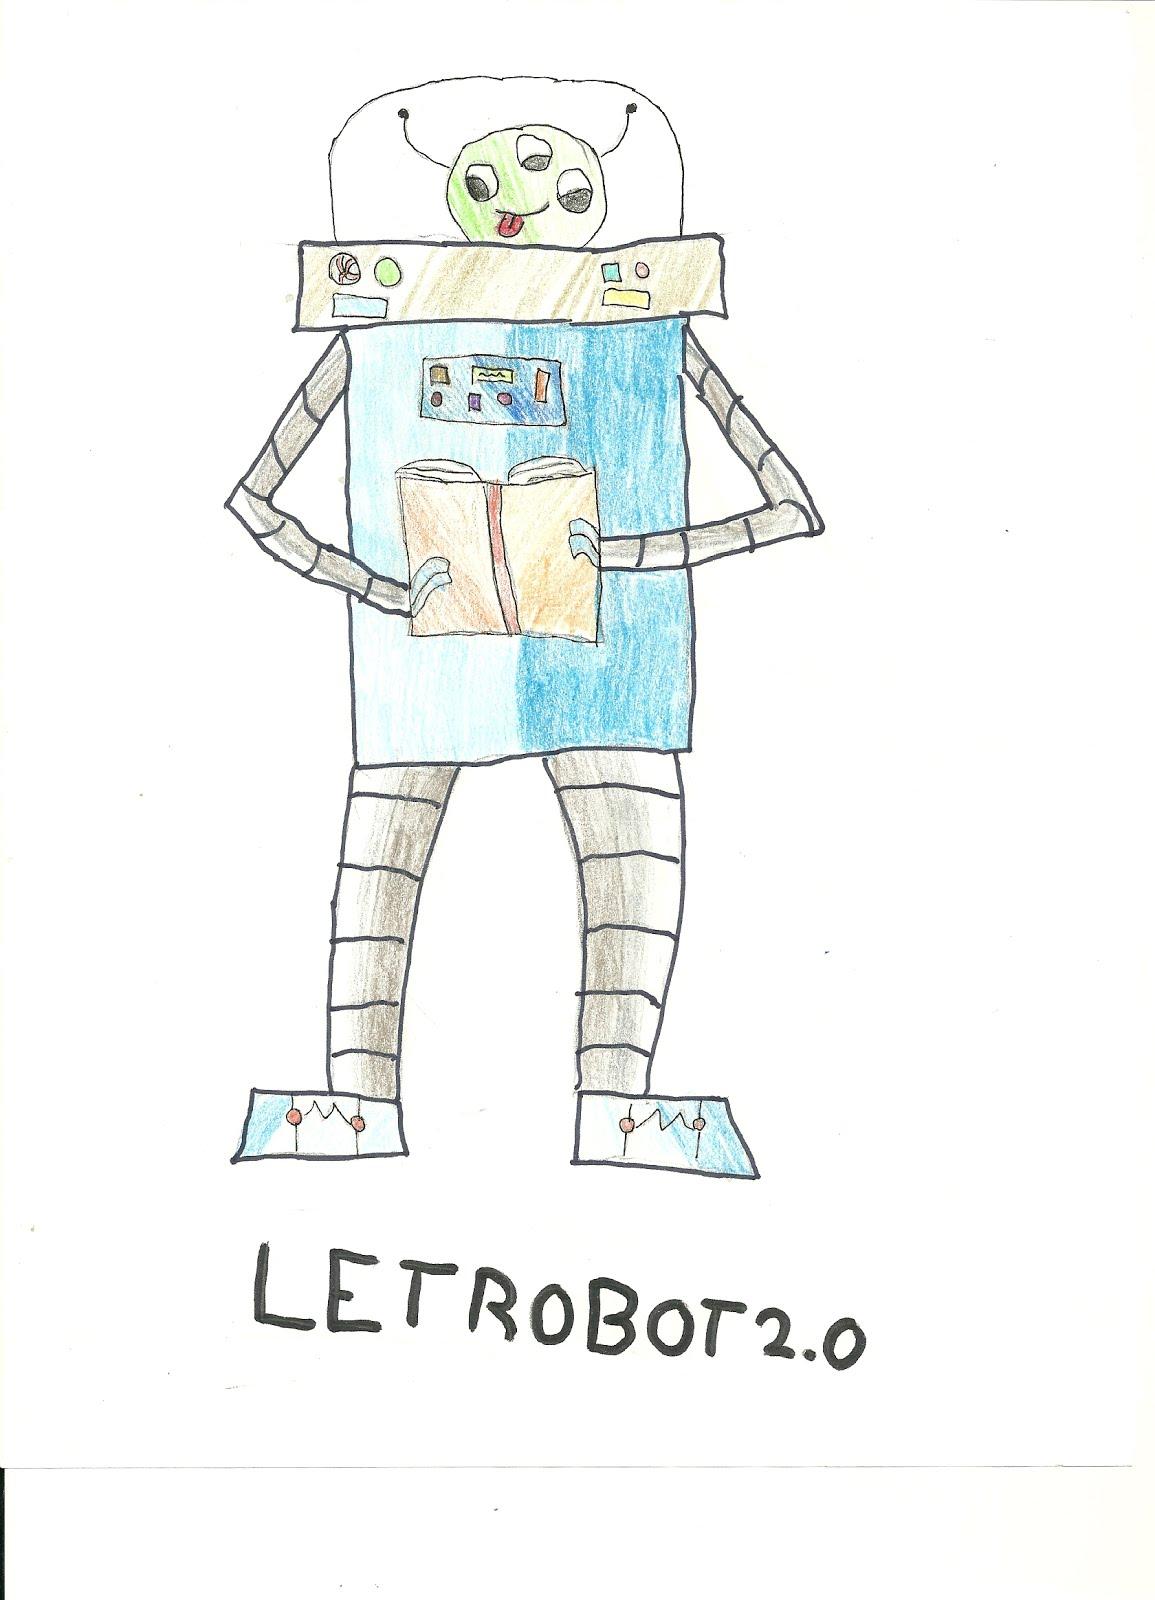 LETROBOT